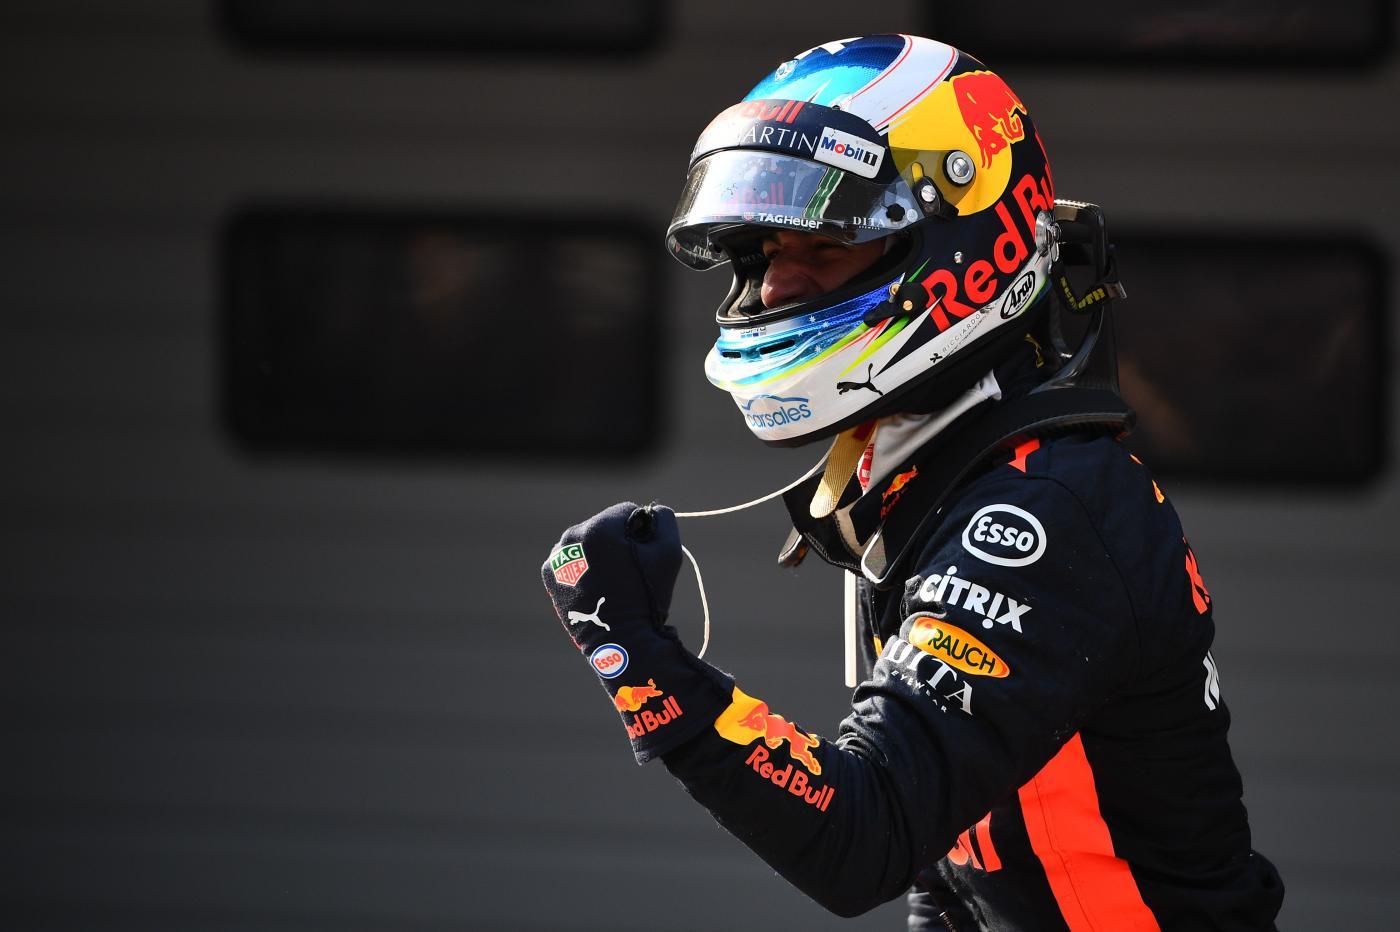 F1 - Daniel Ricciardo mette la Red Bull con le spalle al muro, l'australiano ha rivelato le sue esose richieste al team di Milton Keynes per rinnovare il proprio contratto - AFP/LaPresse